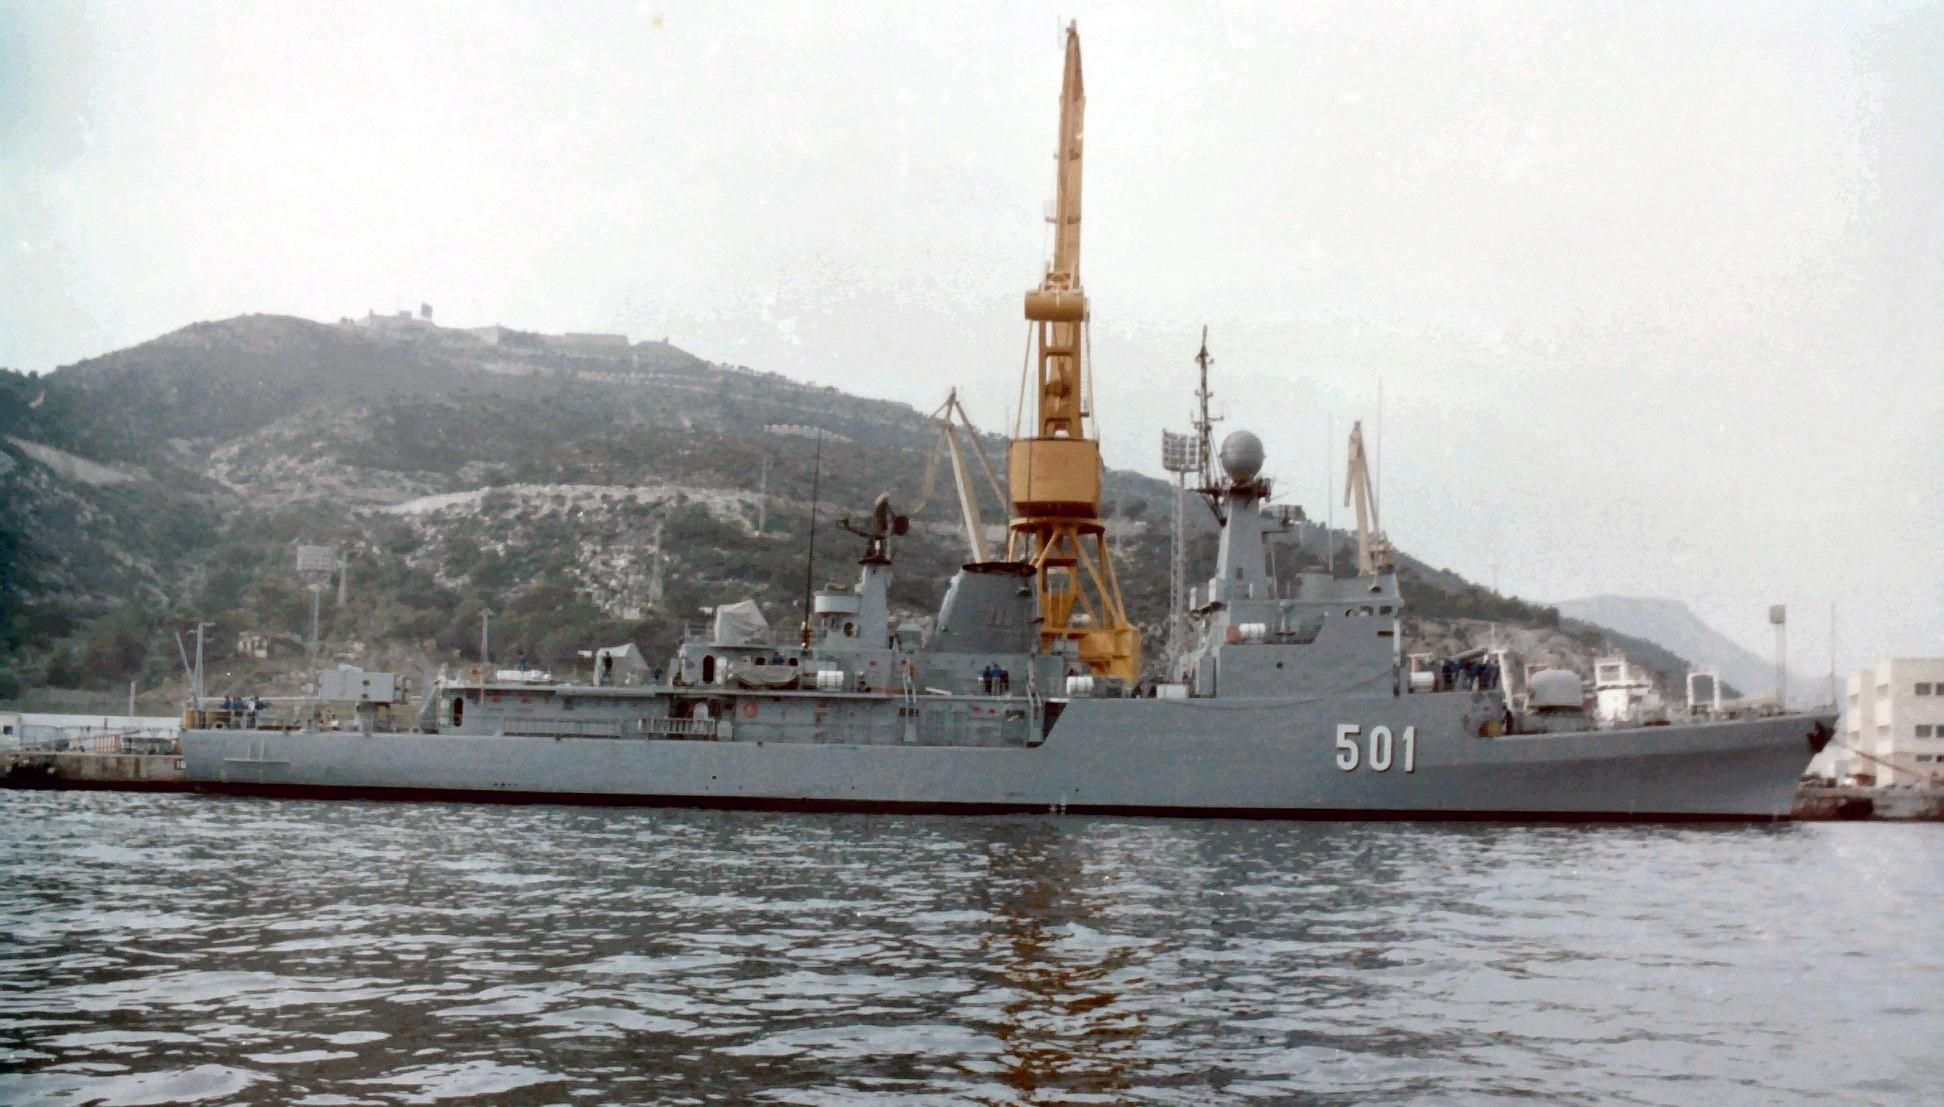 Royal Moroccan Navy Descubierta Frigate / Corvette Lt Cl Errahmani - Bâtiment École - Page 4 Clipb518